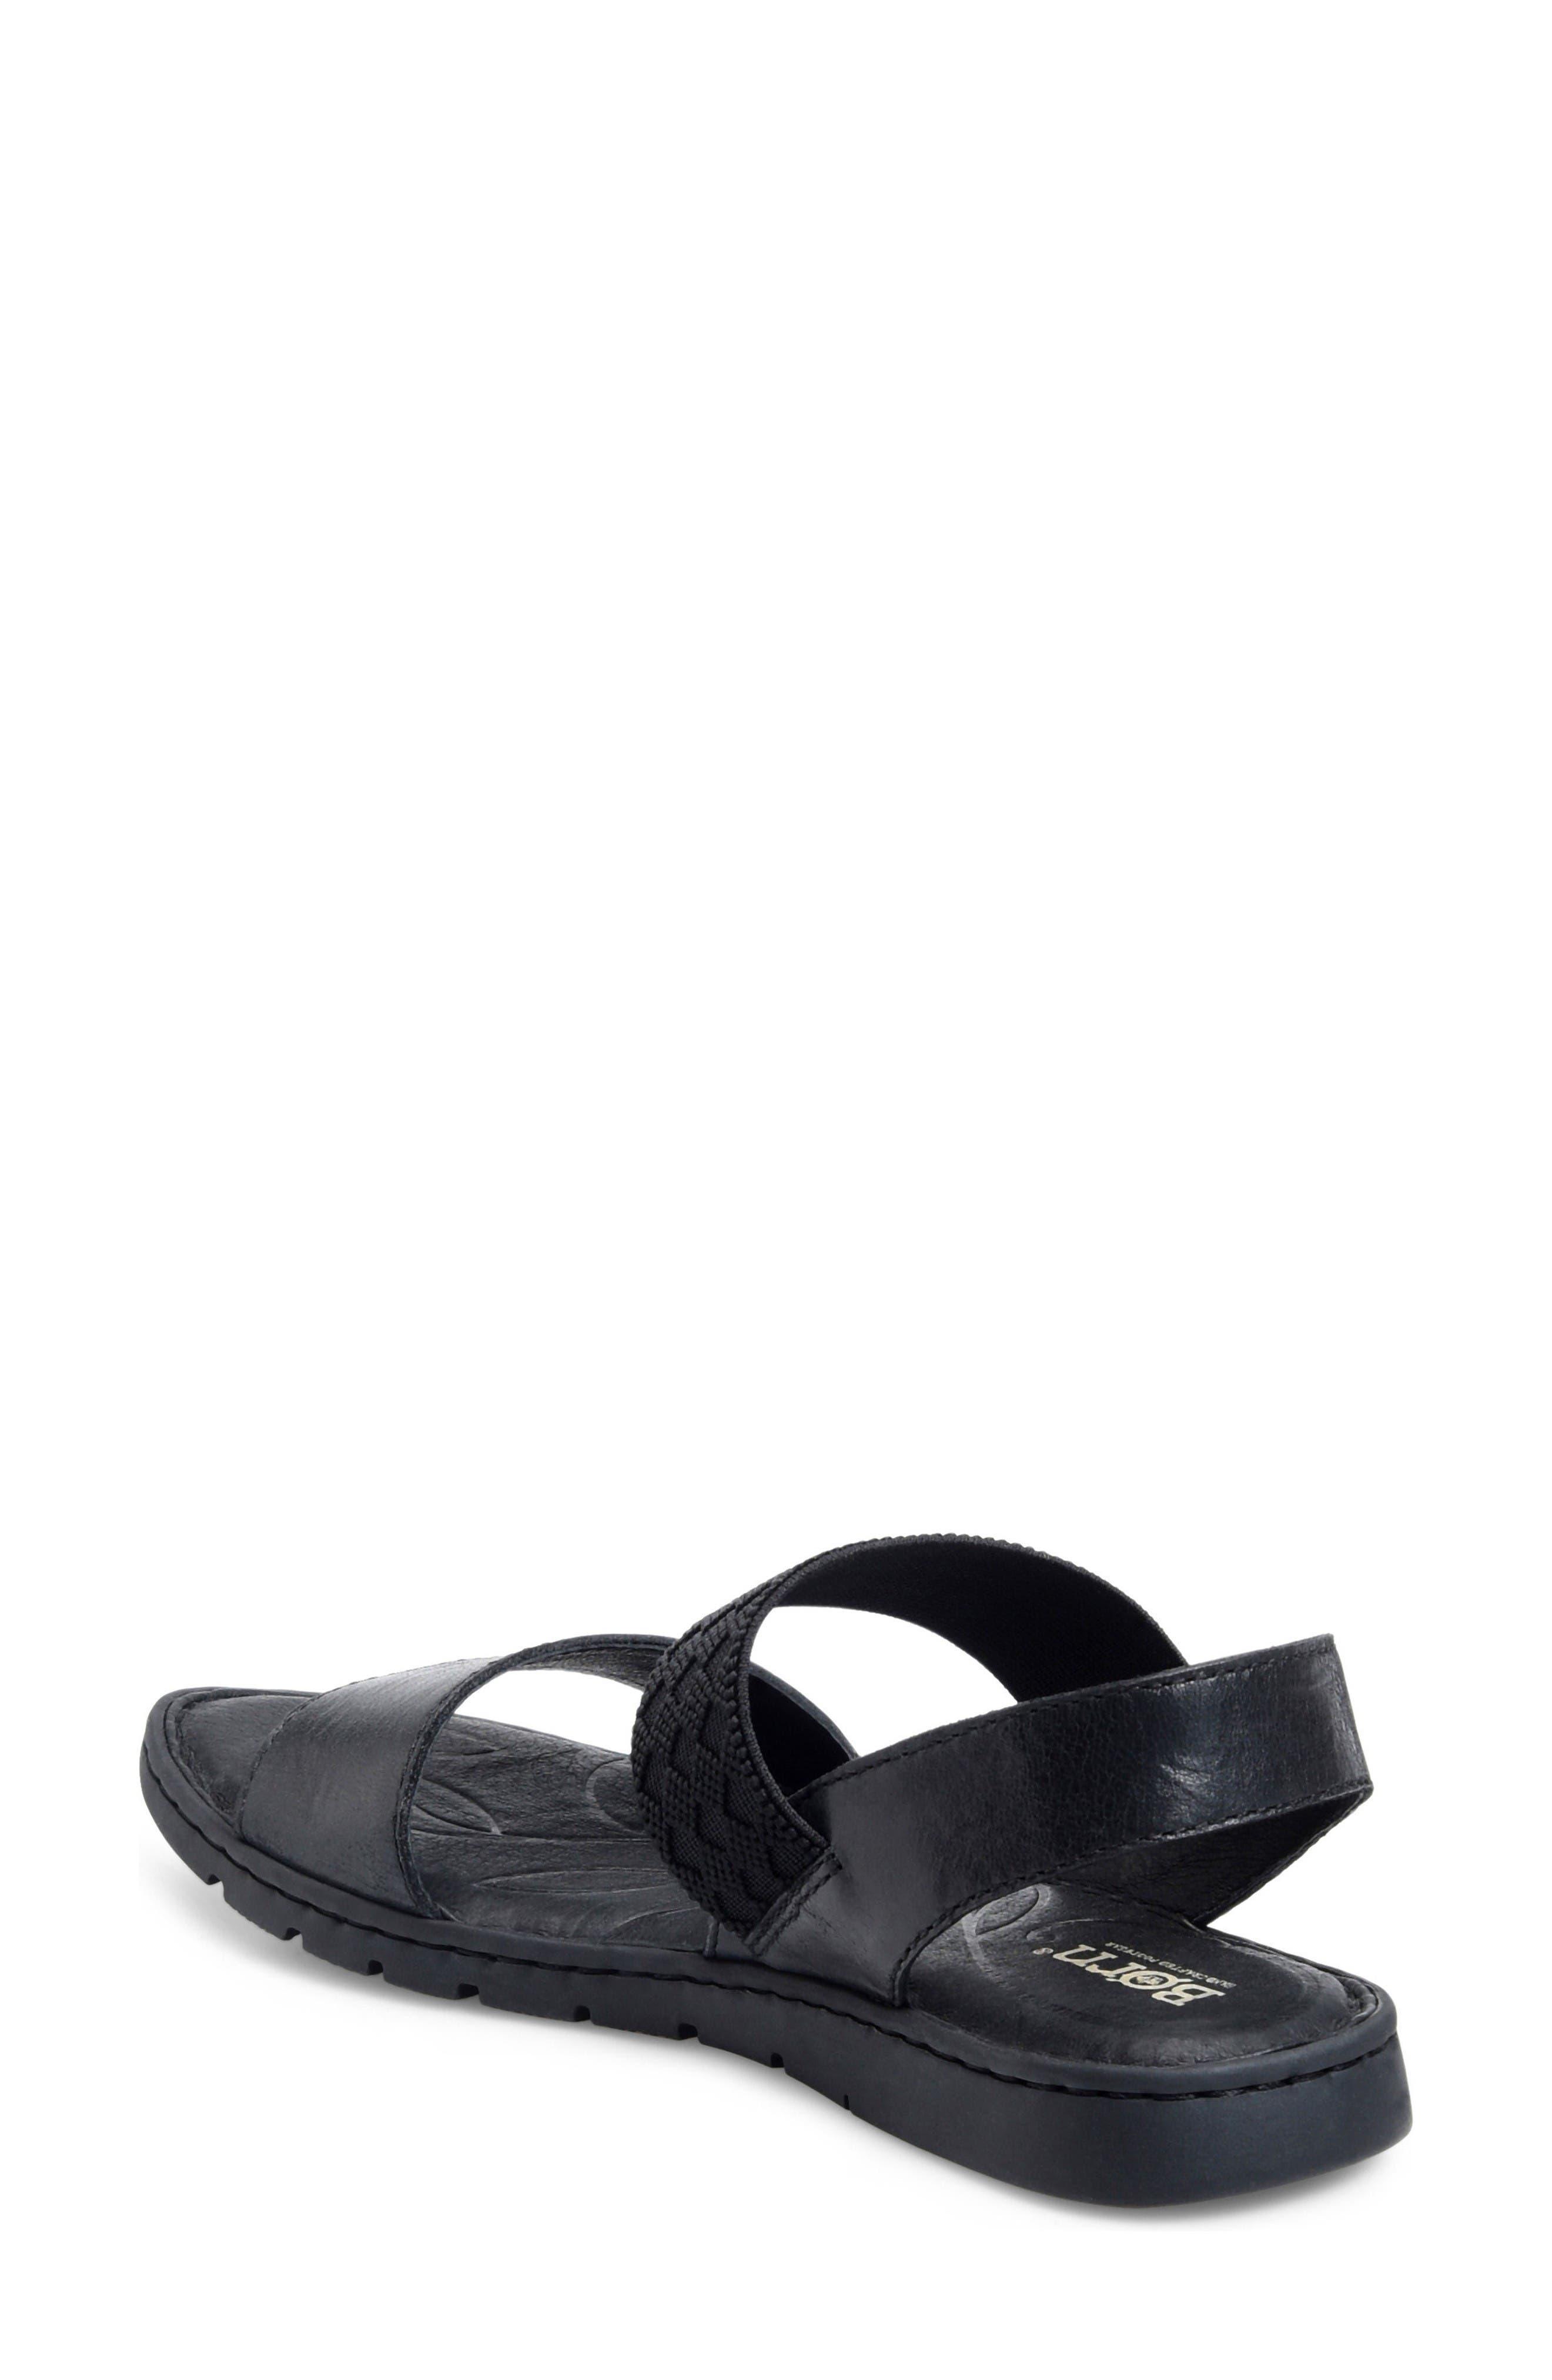 Parsons Sandal,                             Alternate thumbnail 2, color,                             Black Full Grain Leather